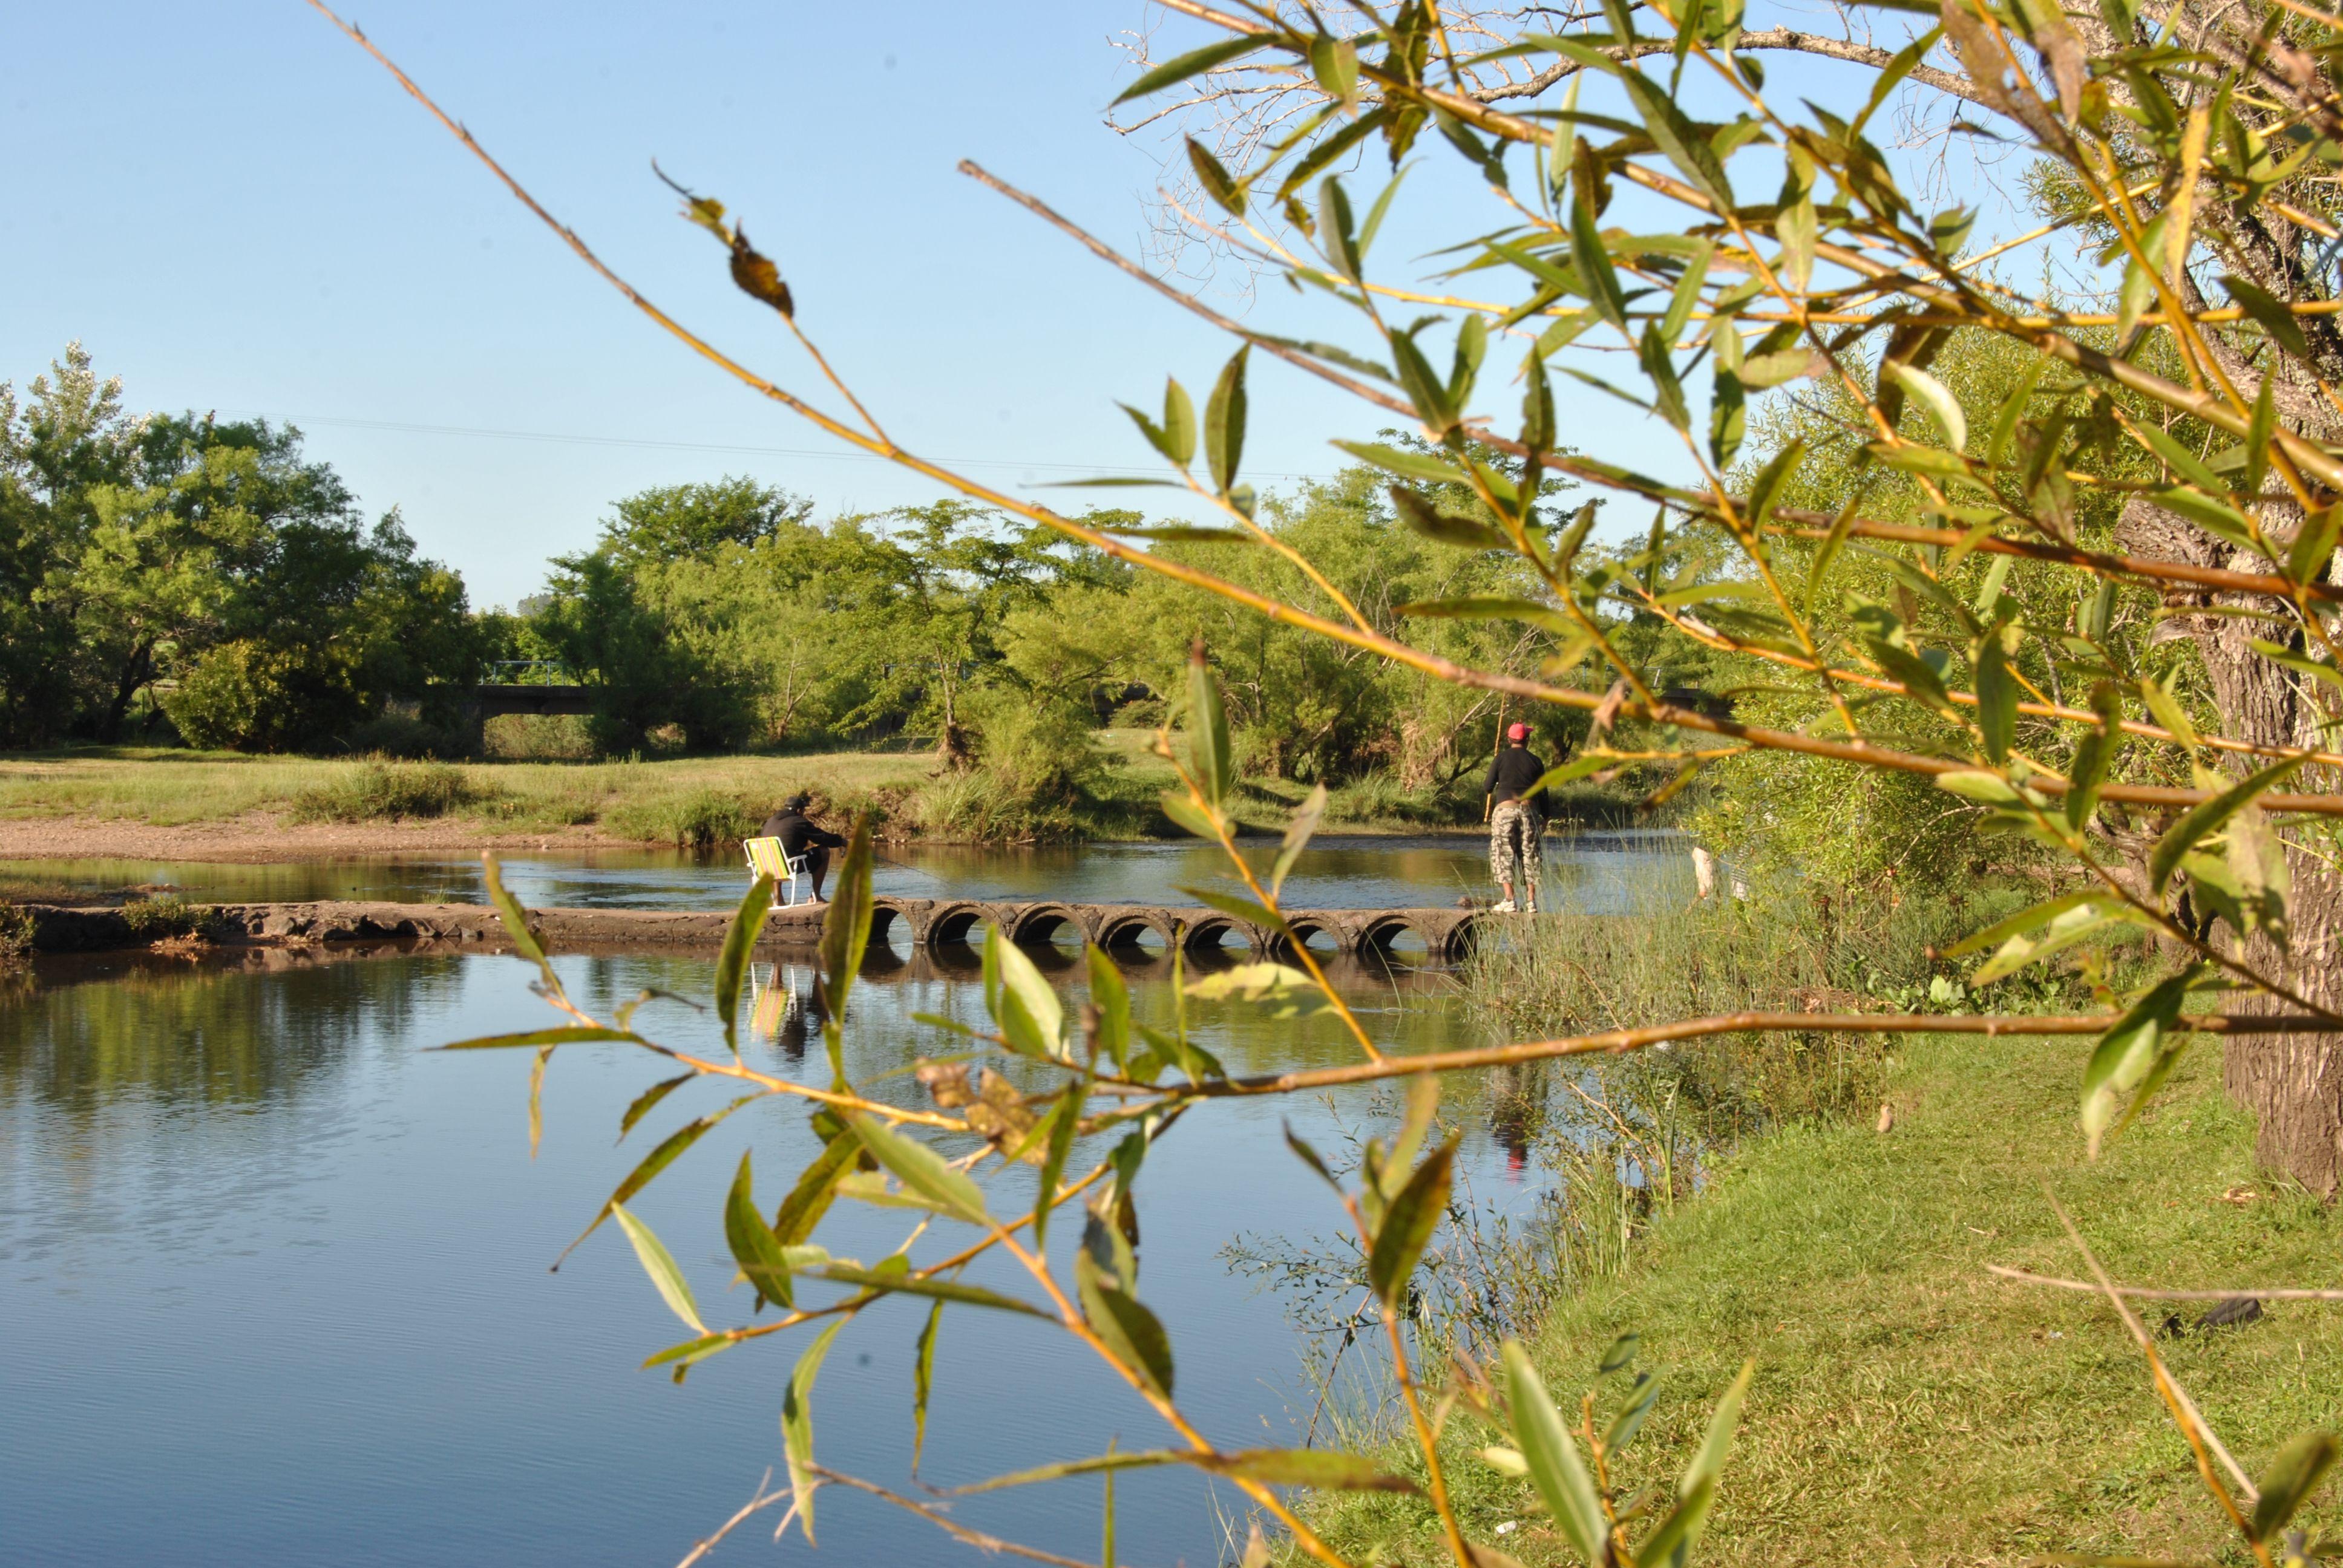 A dos kilómetros del Cerro Arequita, pasando el río, está el Cerro de los Cuervos, que tiene en su base a la Laguna de los Cuervos, un paisaje paradisíaco con un camping y servicios recreativos.